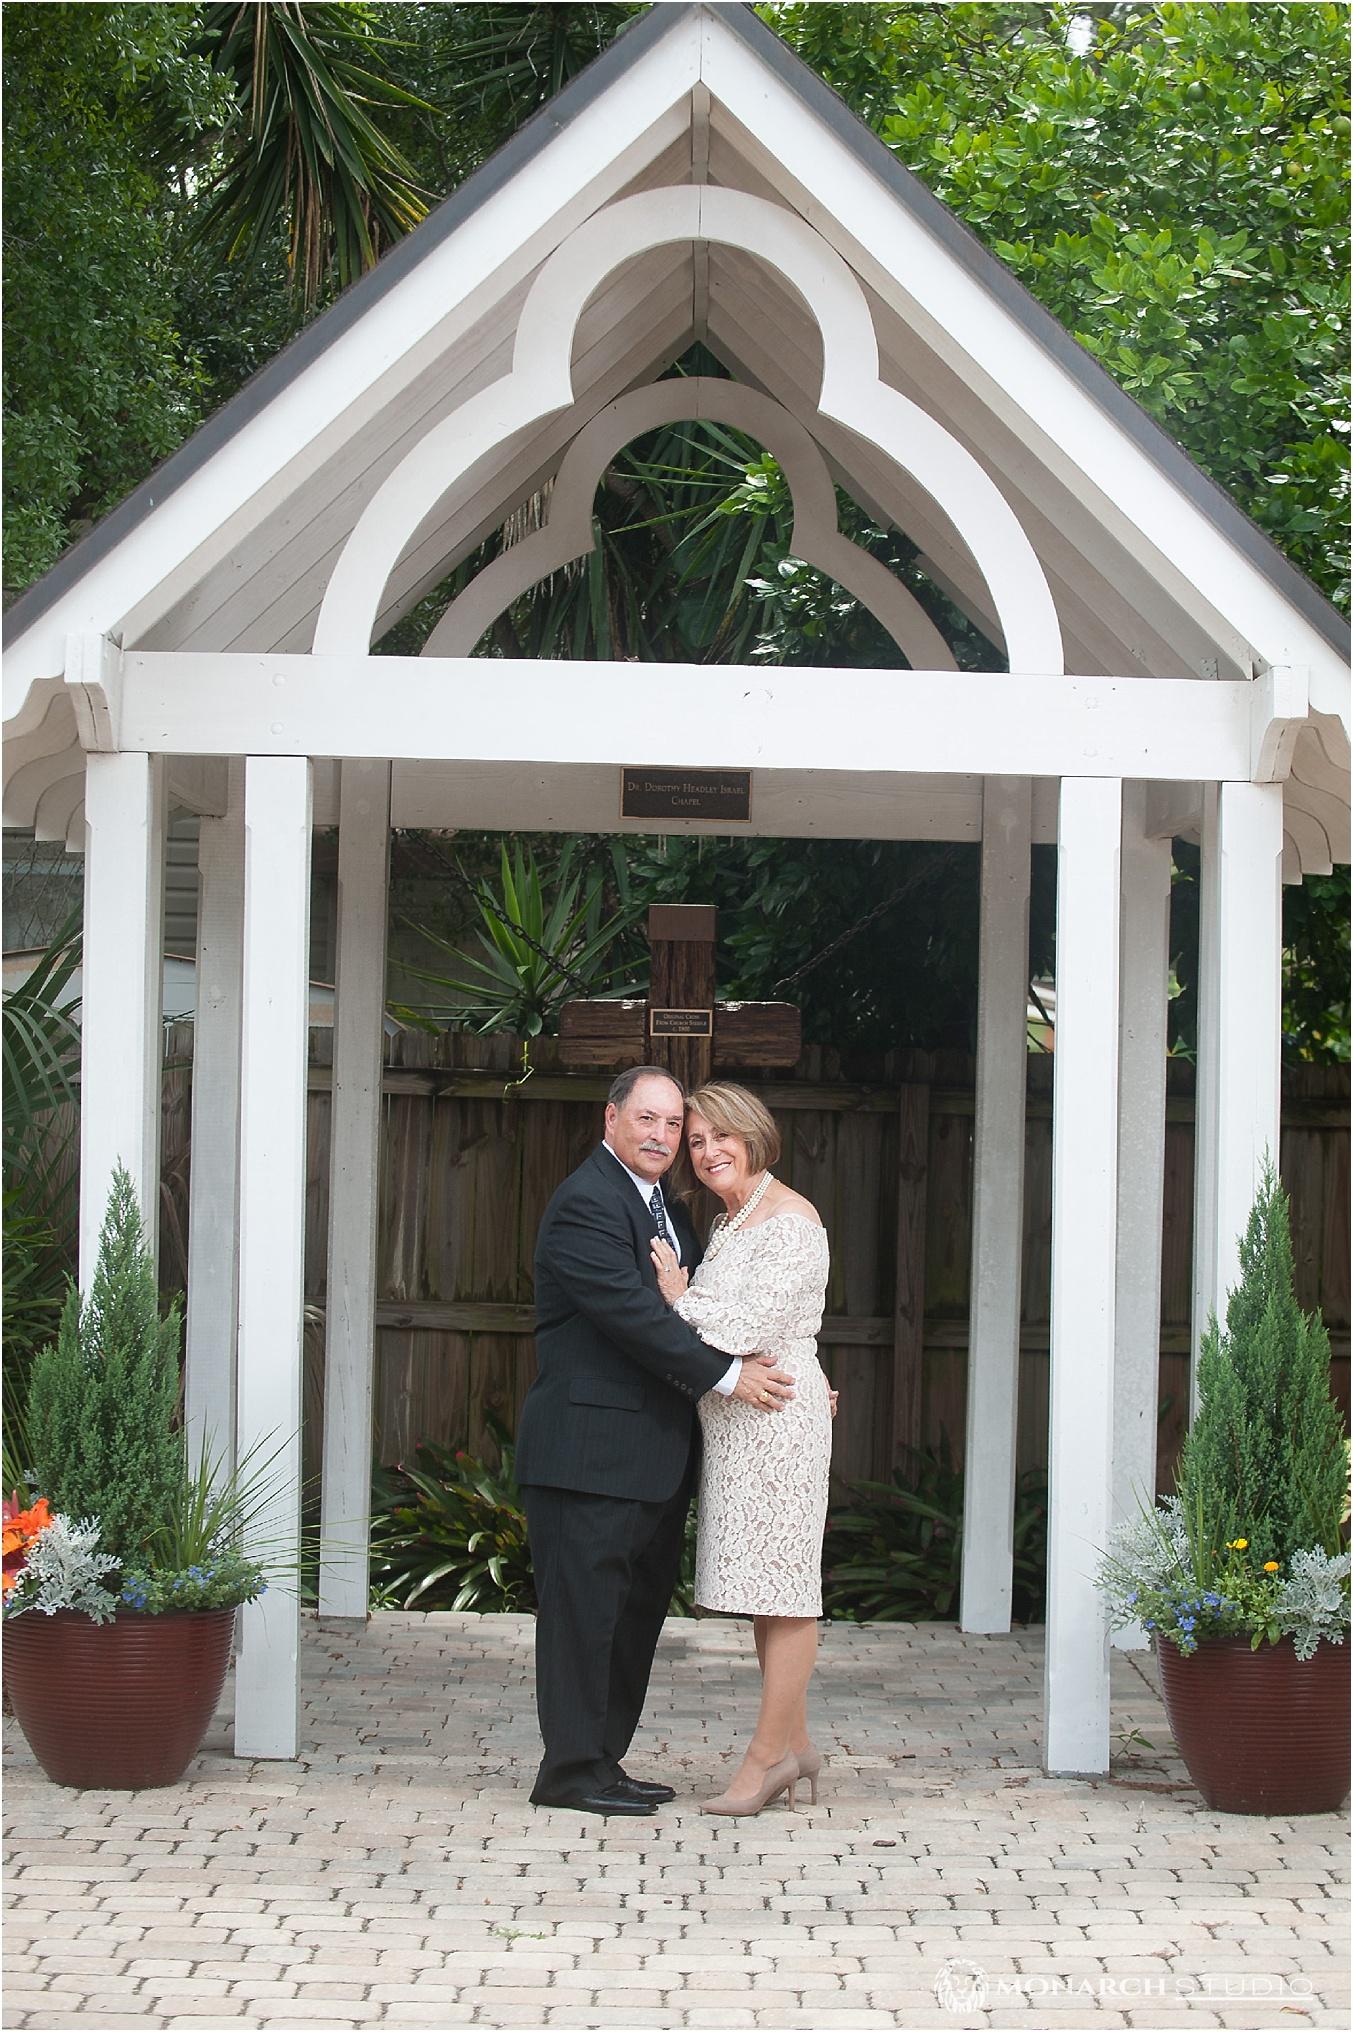 st-augustine-elopement-wedding-photographer- (8).jpg